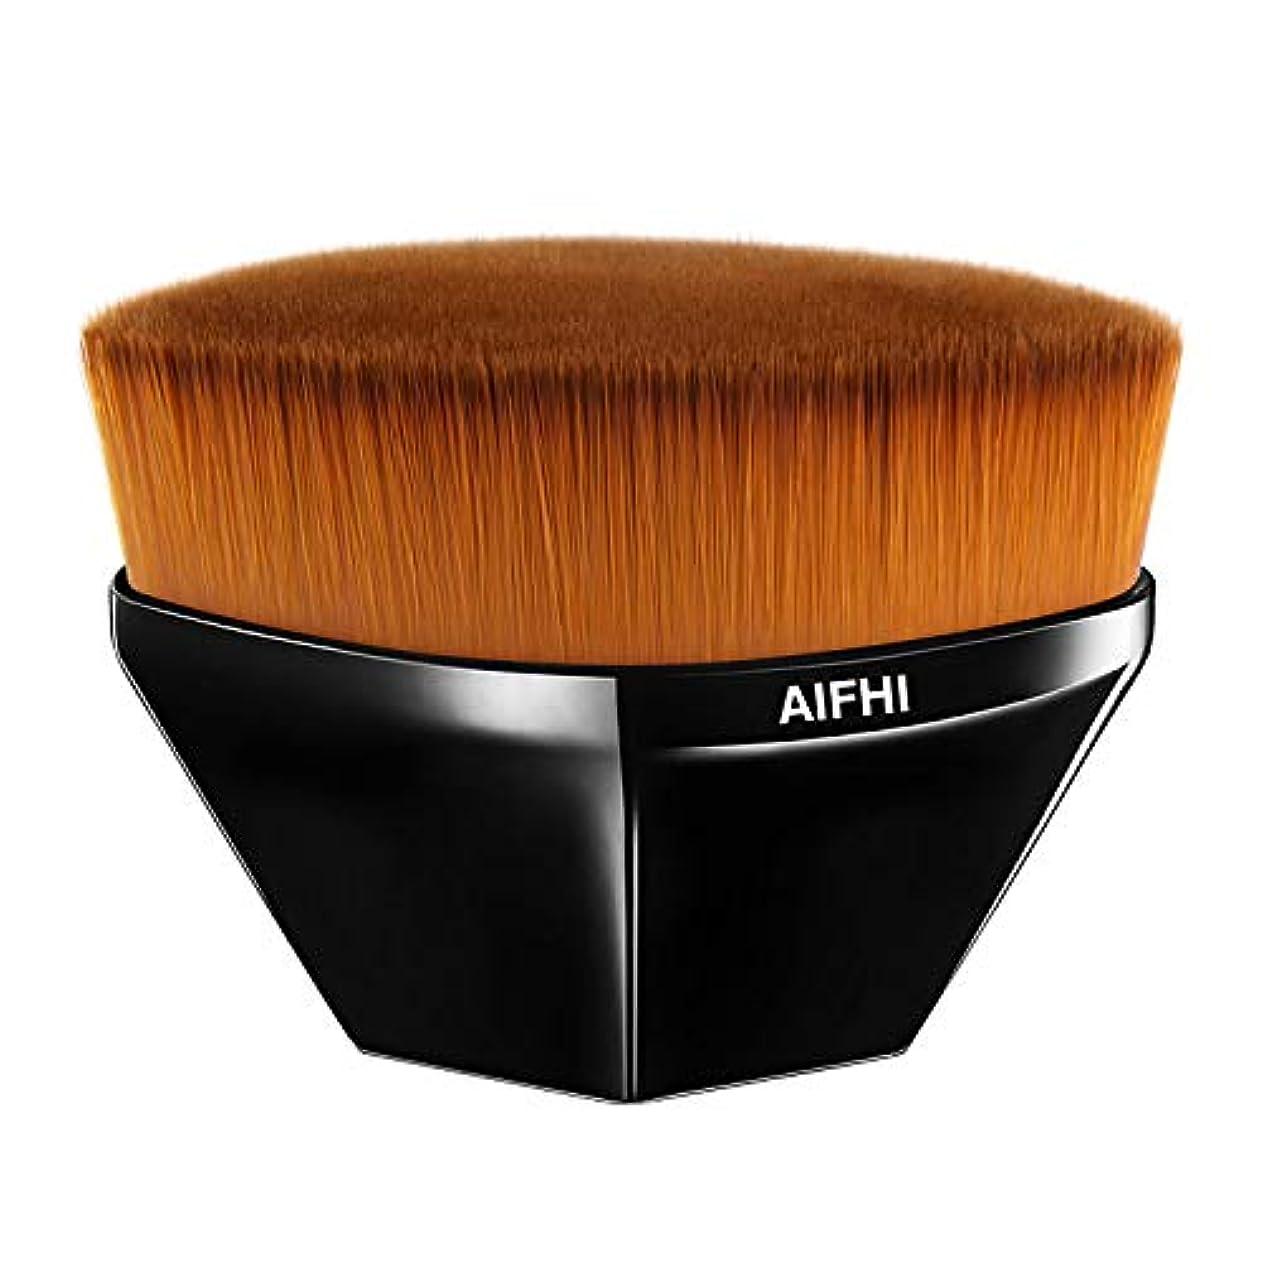 トレードスイングピーブAIFHI メイクアップブラシ 粧ブラシ 化粧筆 ファンデーションブラシ 肌に優しい 携帯便利 高級のタクロンを使用 (ブラック)